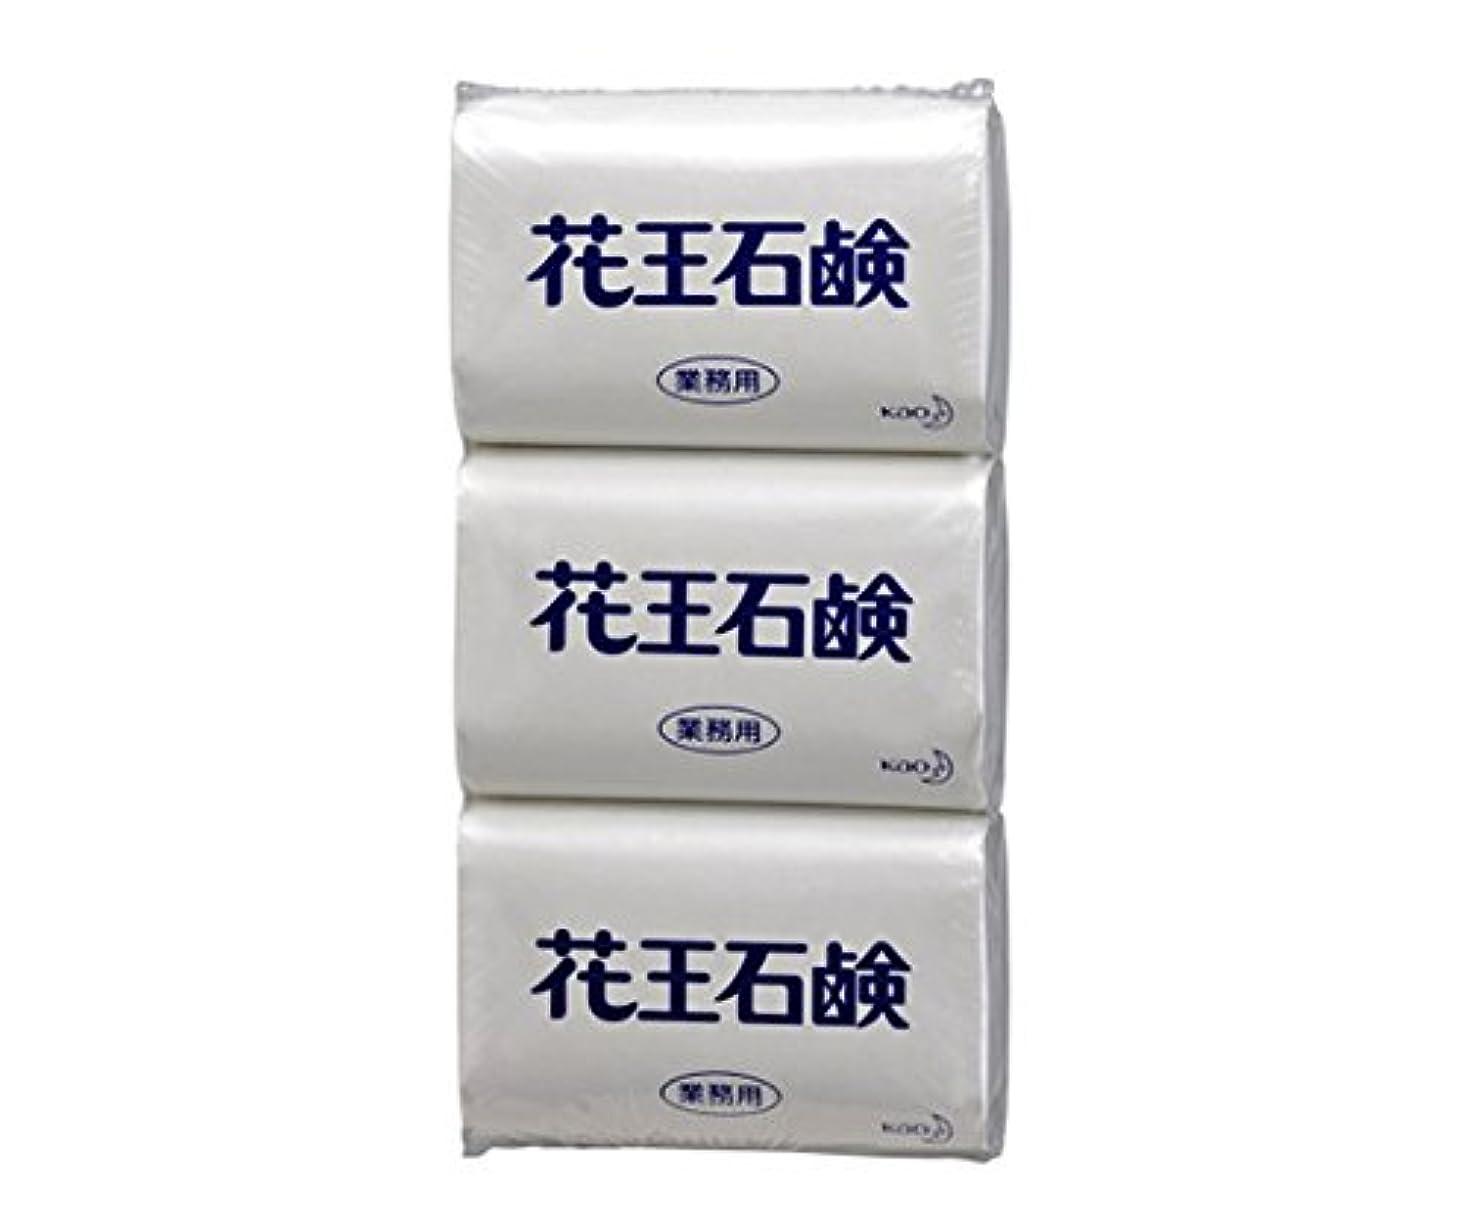 等価測定可能フレア花王1-2756-11石鹸85G